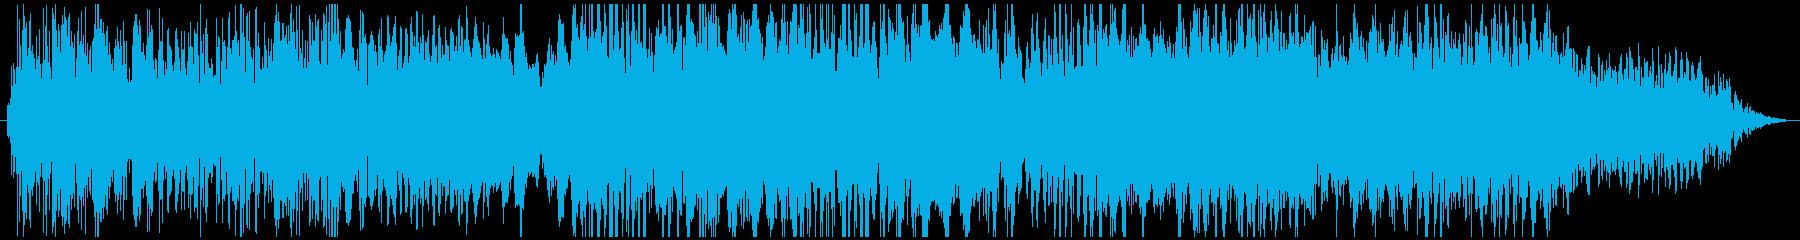 PADS ウォブルリボルバー01の再生済みの波形